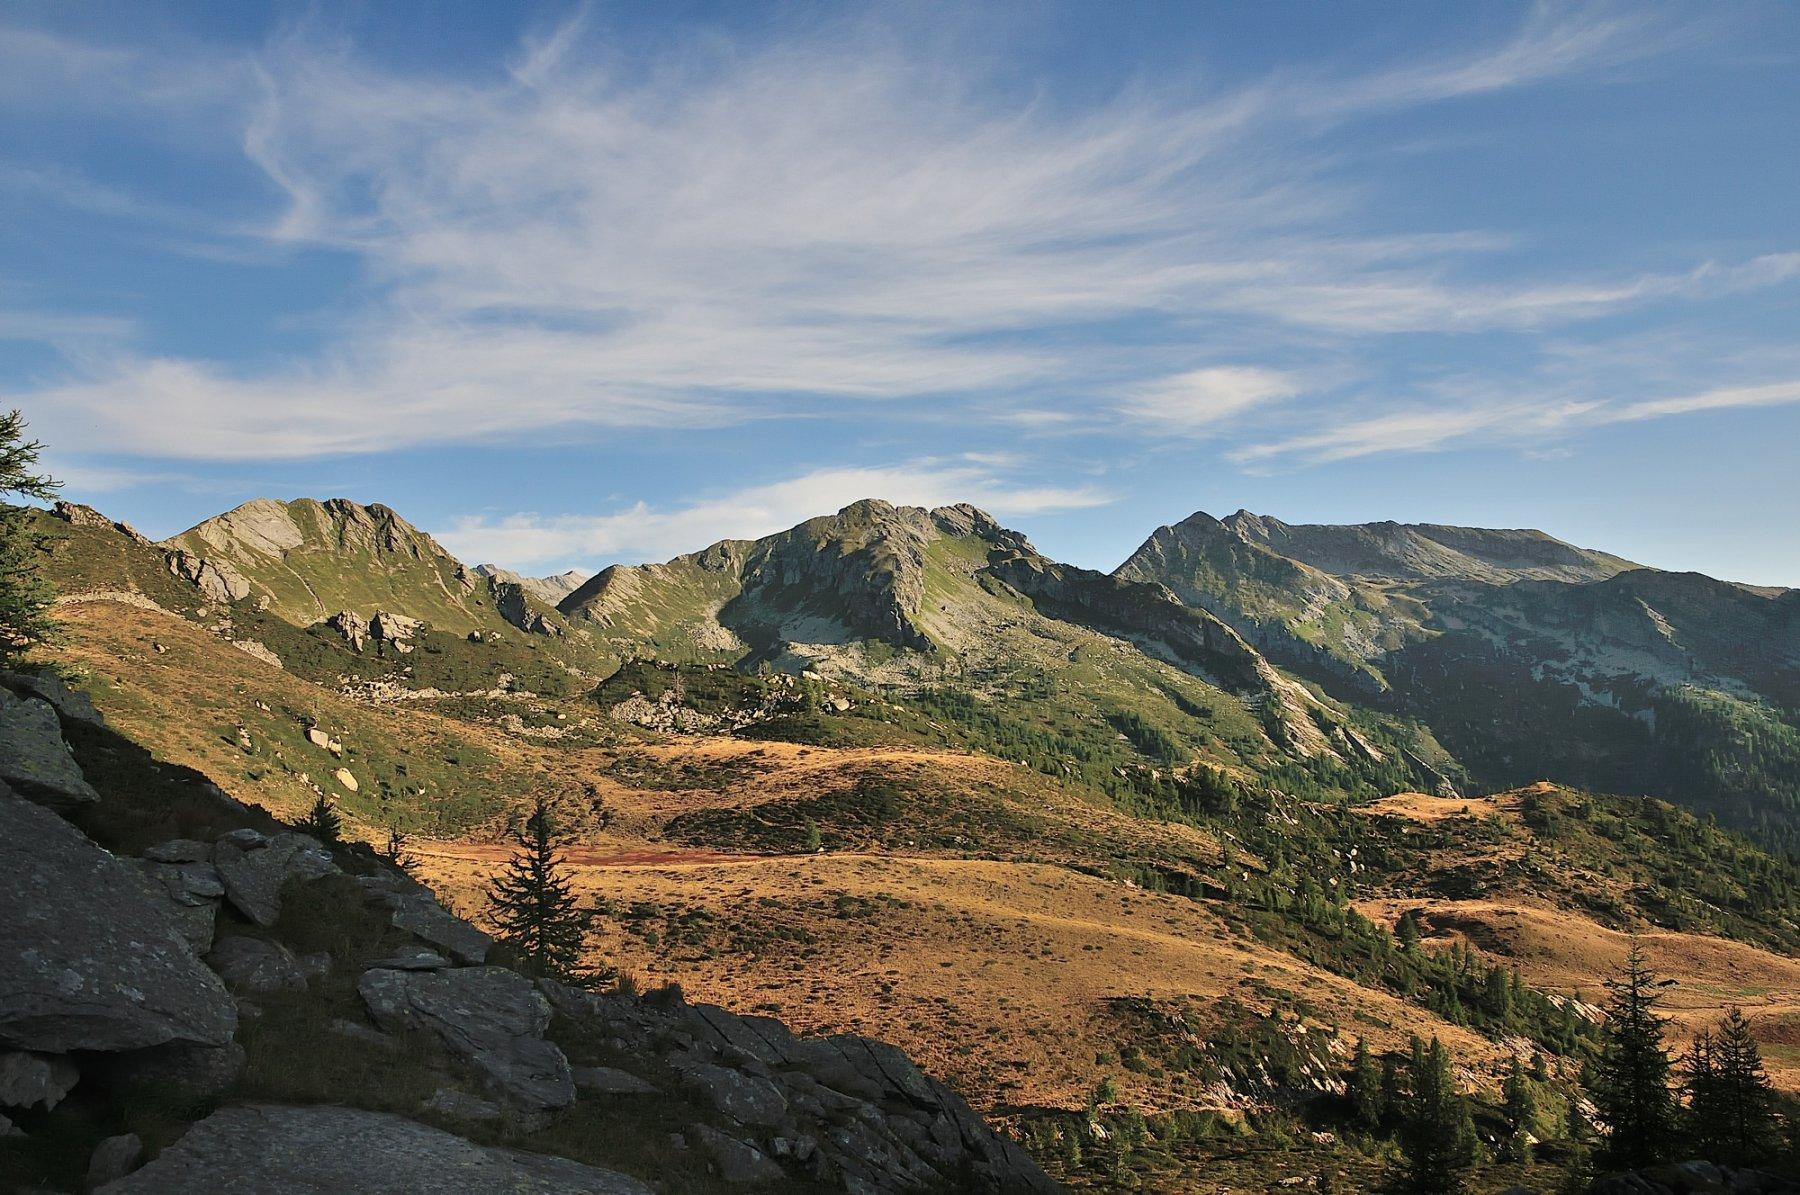 Il percorso, lato Onsernone, visto dal Passo Fontanalba al mattino